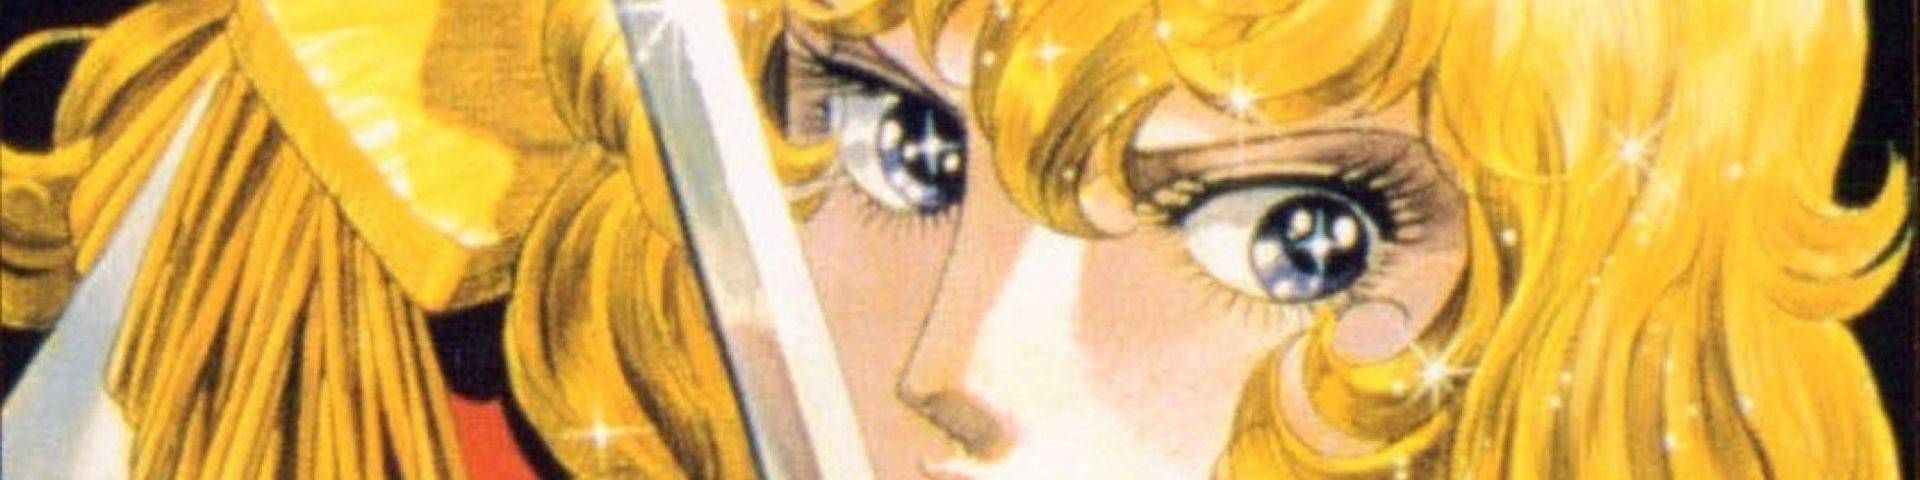 Il web ricorda la Presa della Bastiglia con la morte di Lady Oscar